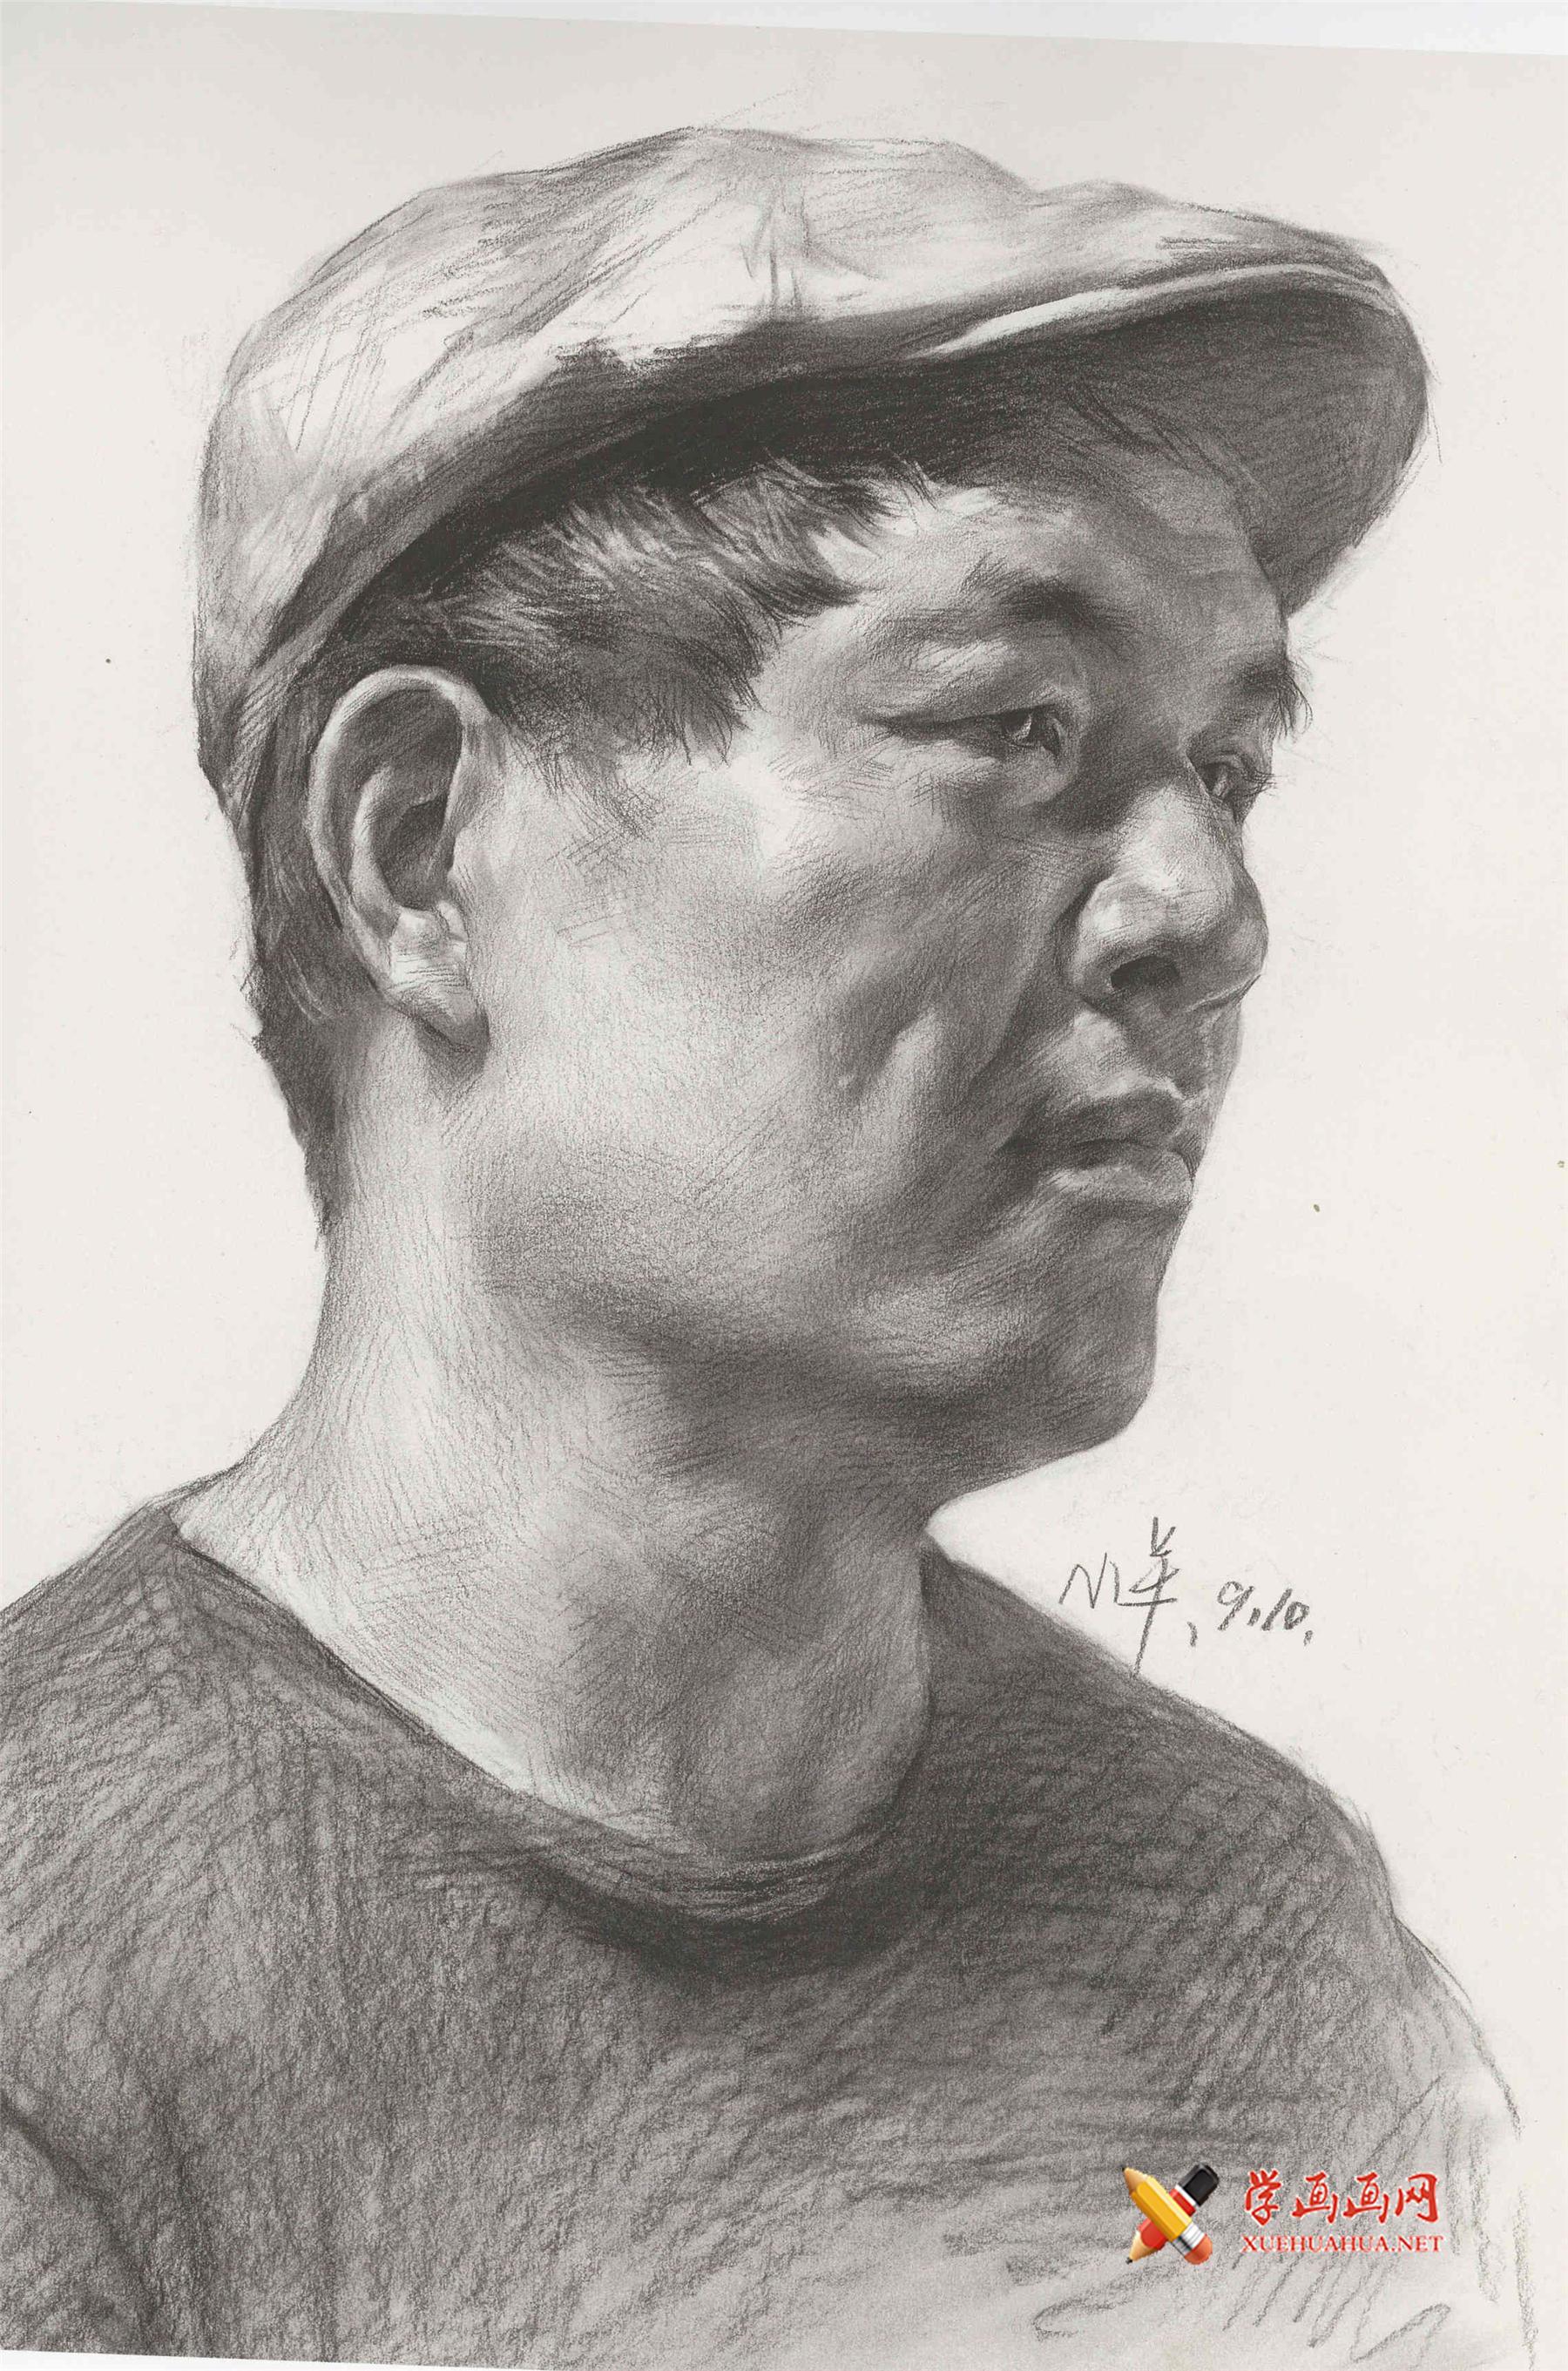 戴帽子的侧面男子素描头像高清图片(1)